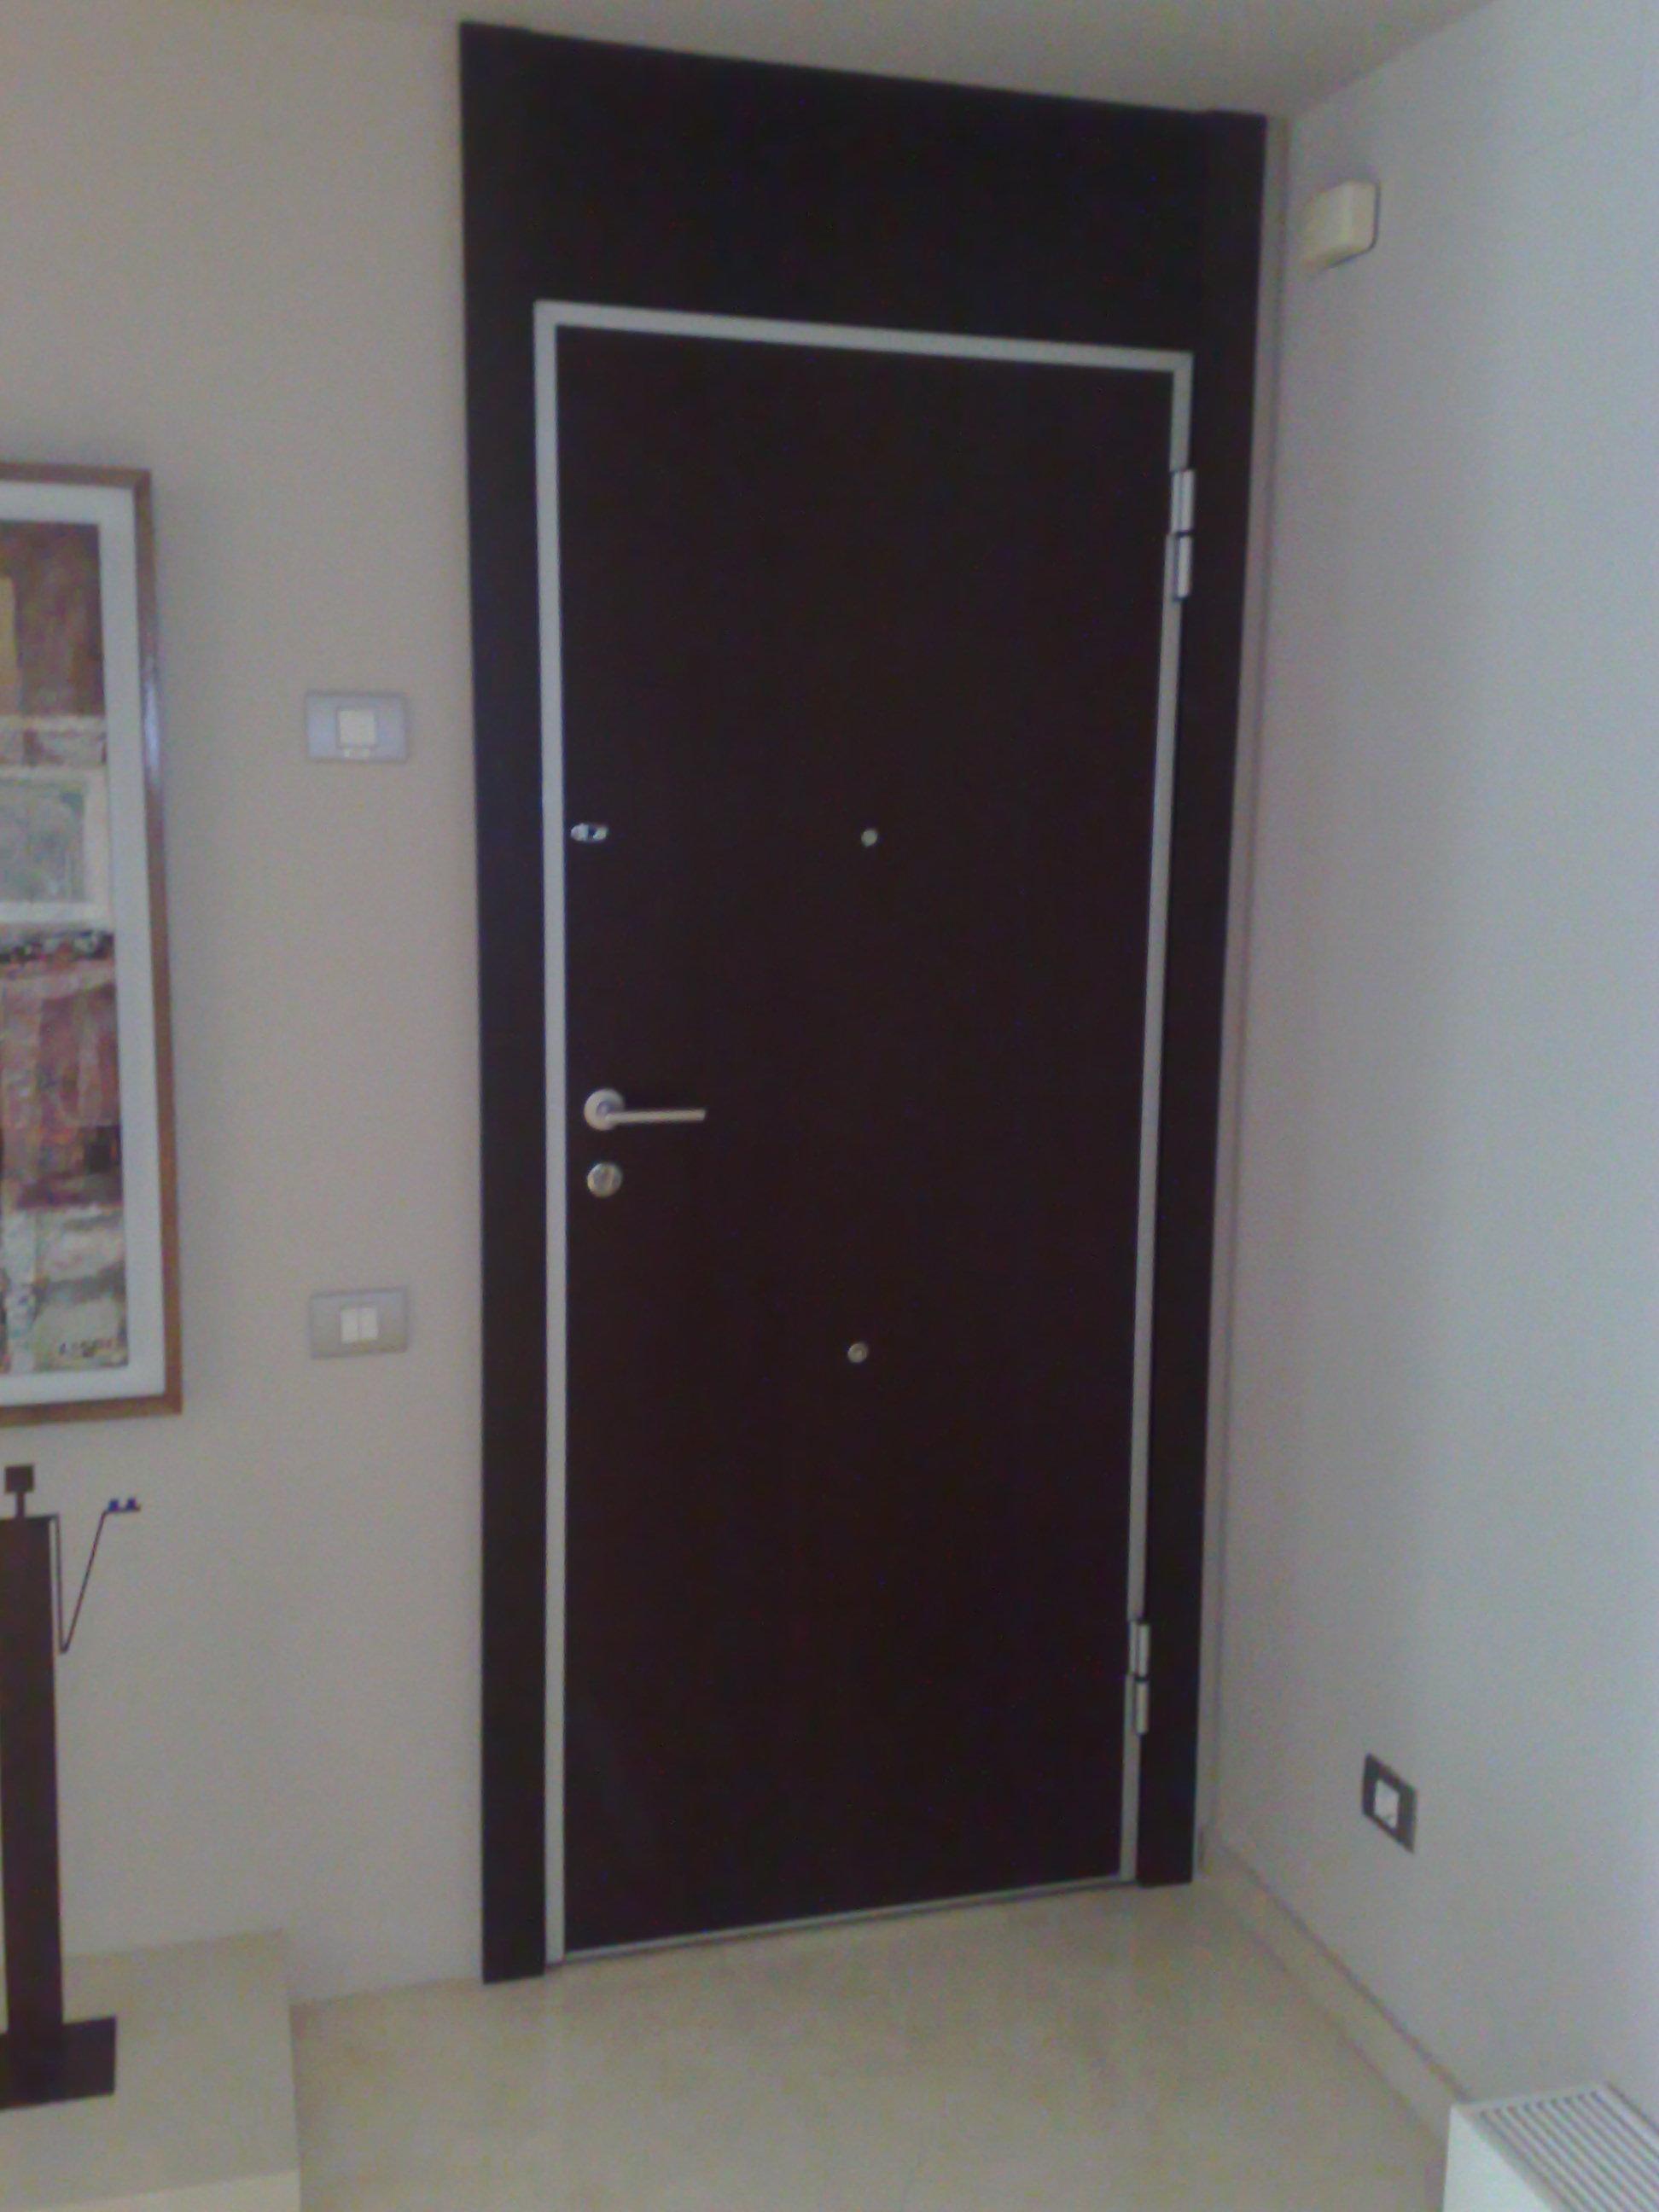 Puertas acorazadas blindadas de interior correderas - Puertas blindadas a medida ...